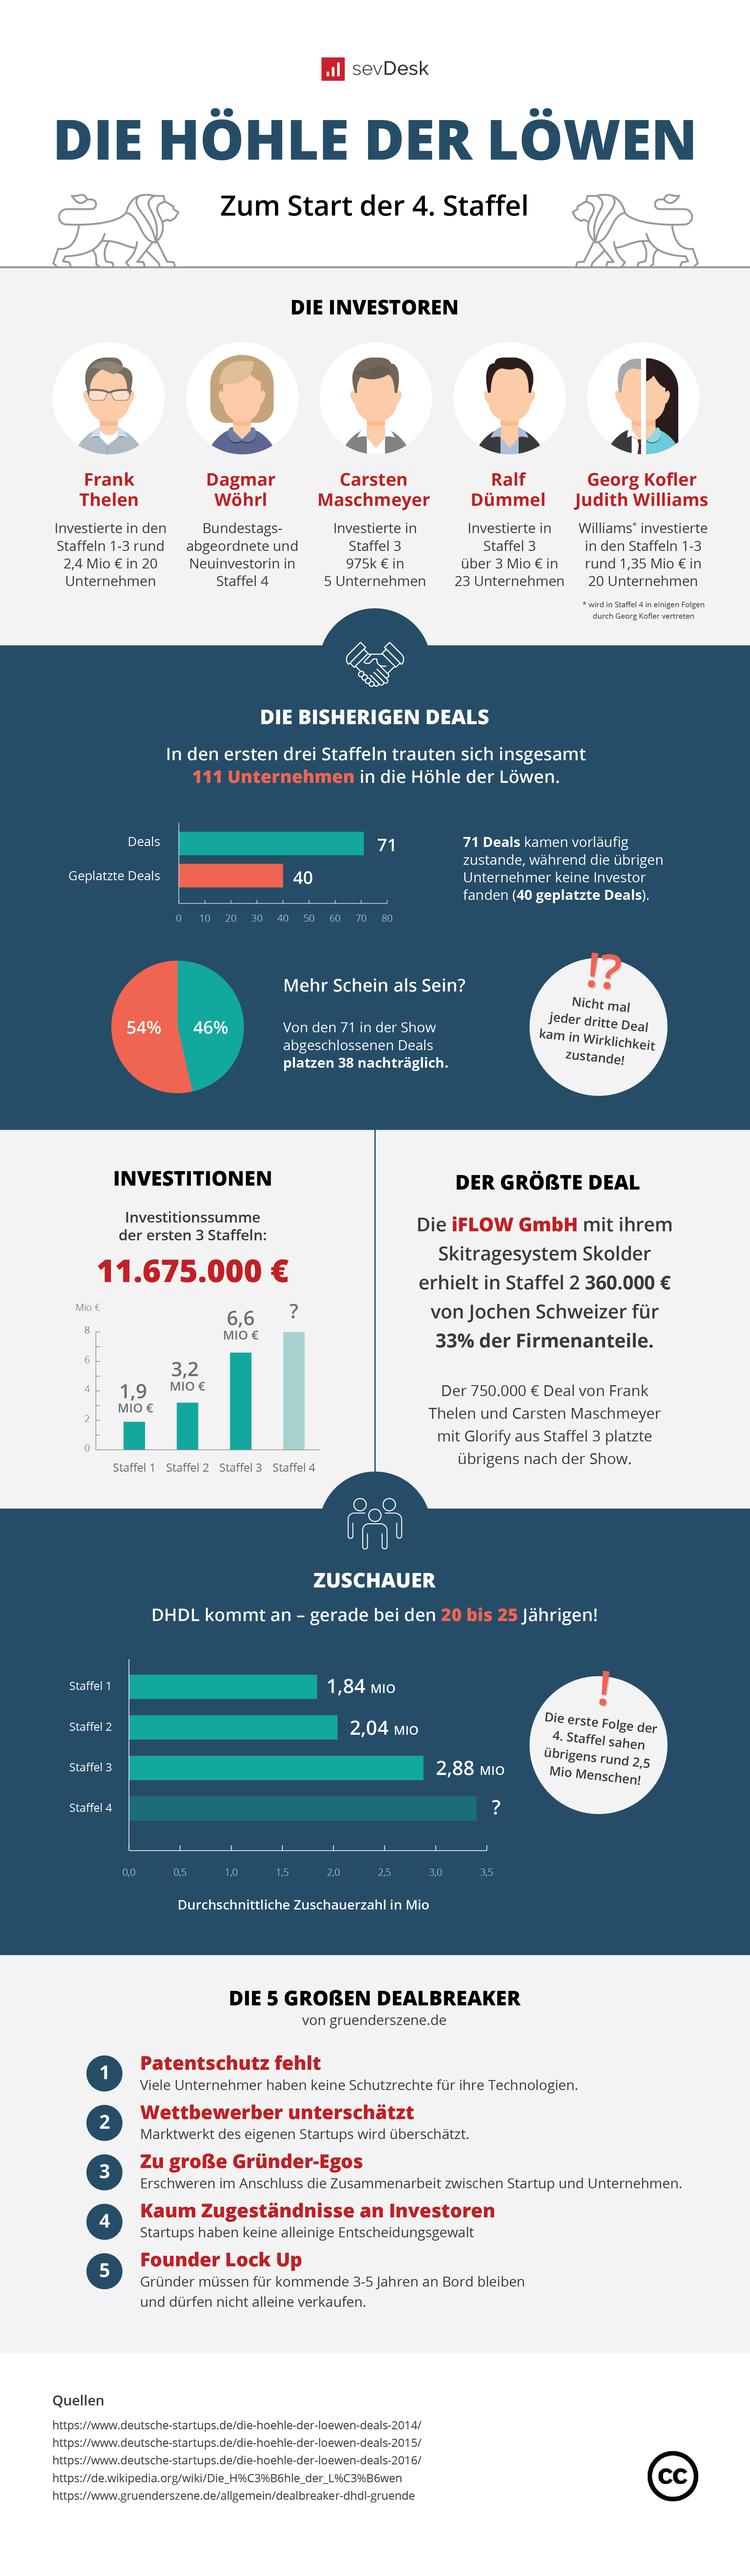 SevDesk_Höhle_der_Löwen_Infographic-01.png